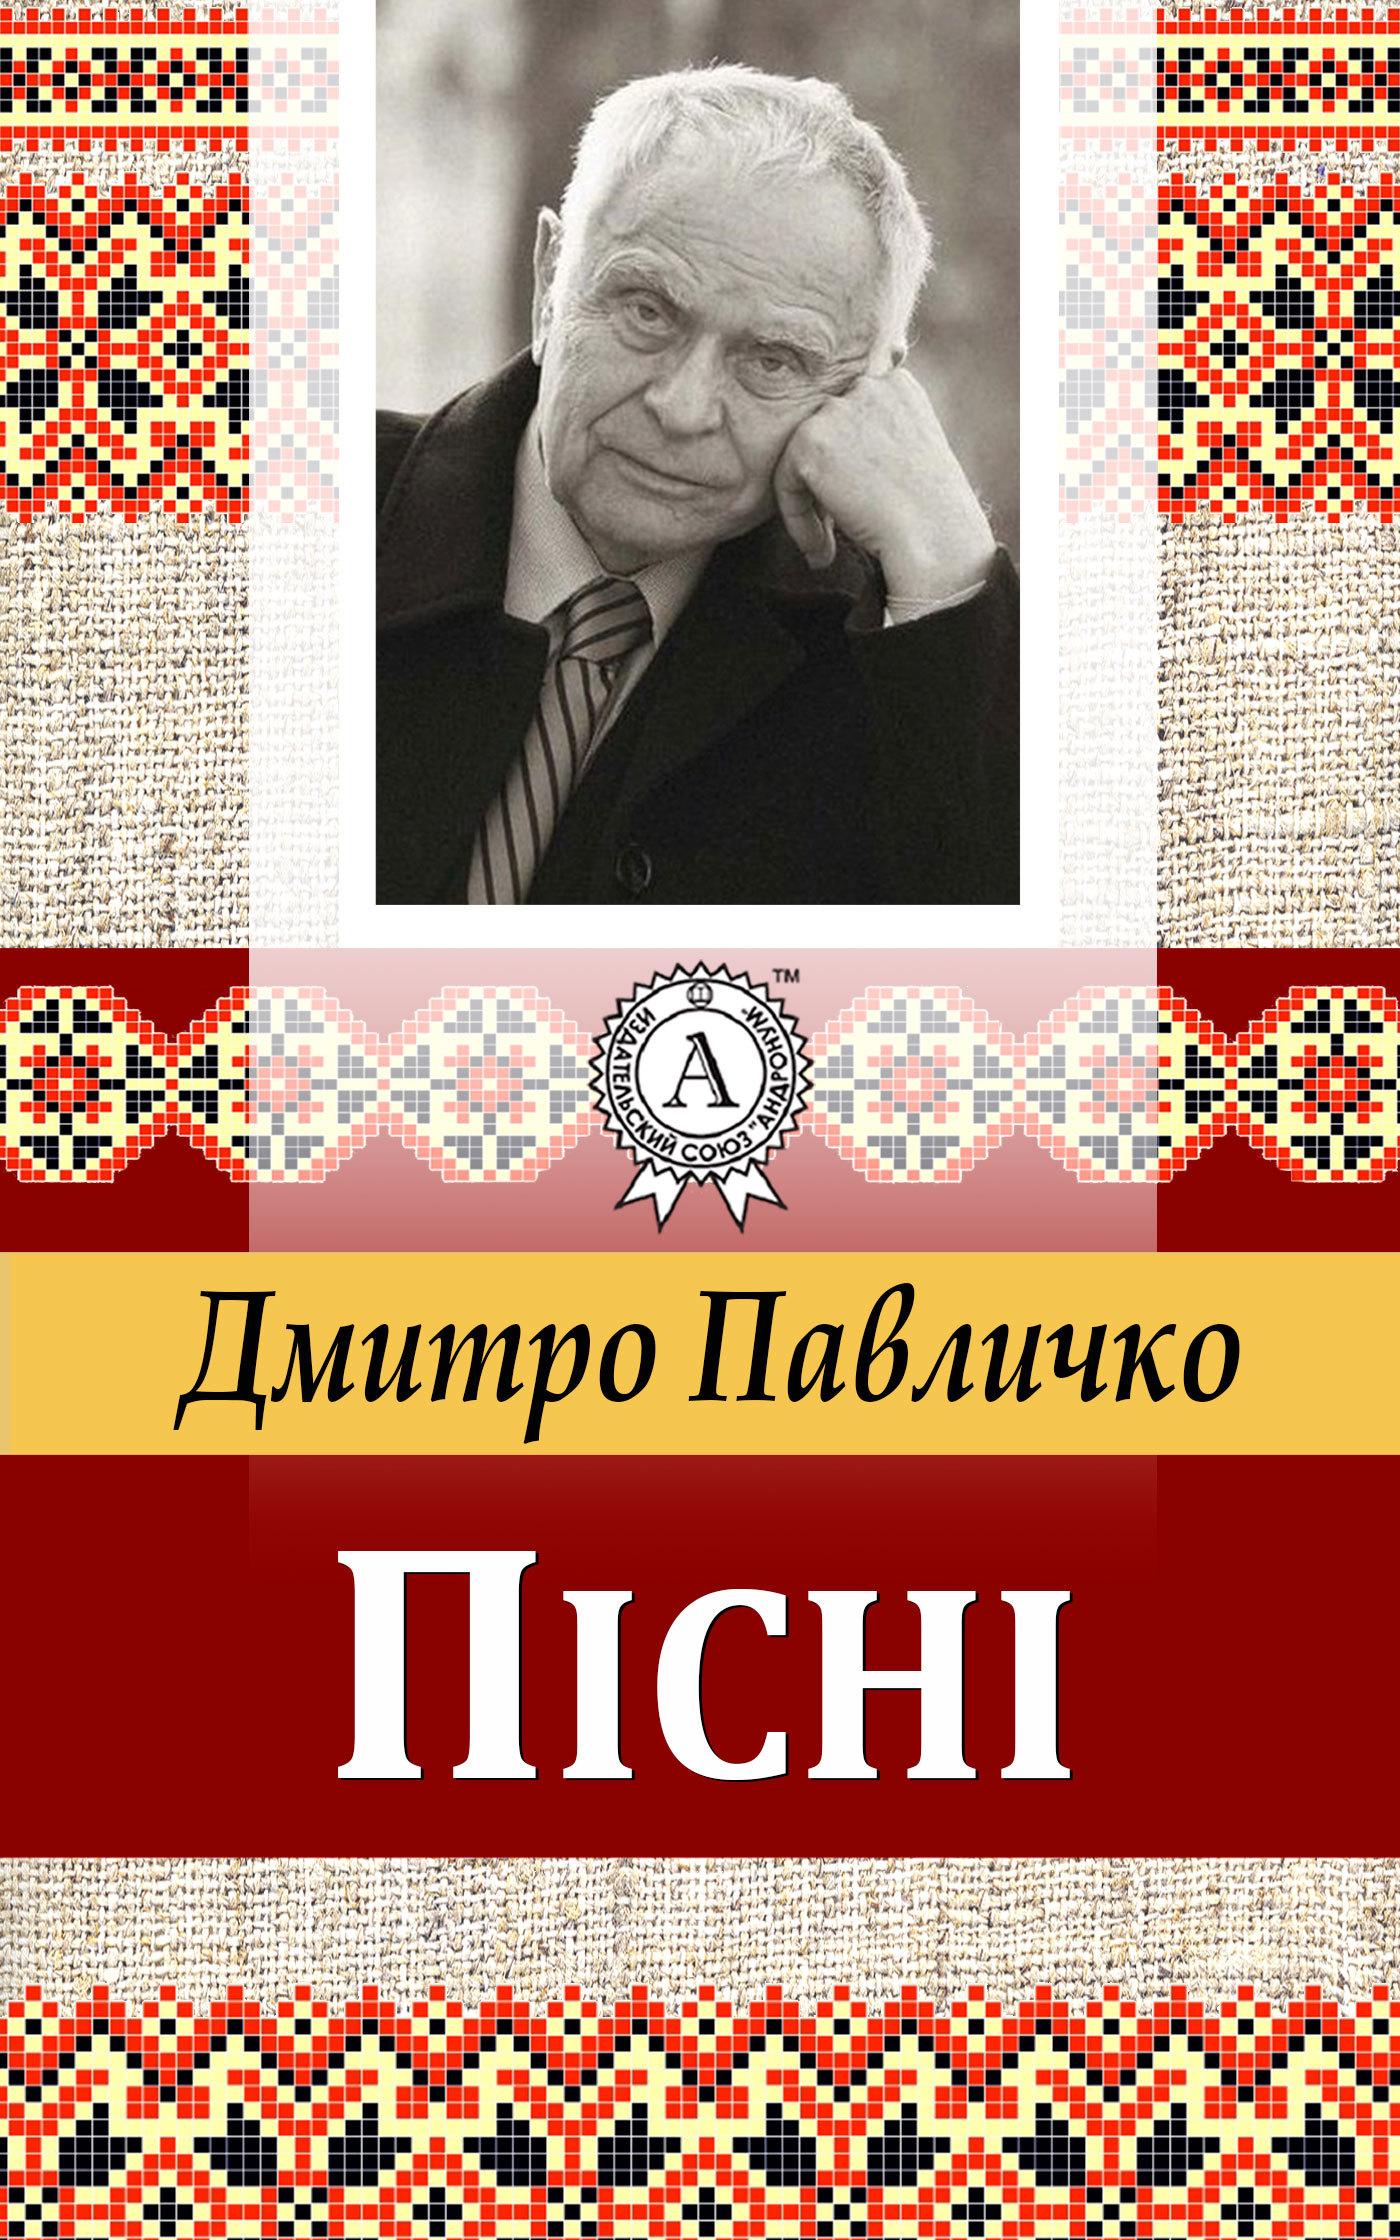 Дмитро Павличко Пісні дмитро павличко любов і ненависть вибране